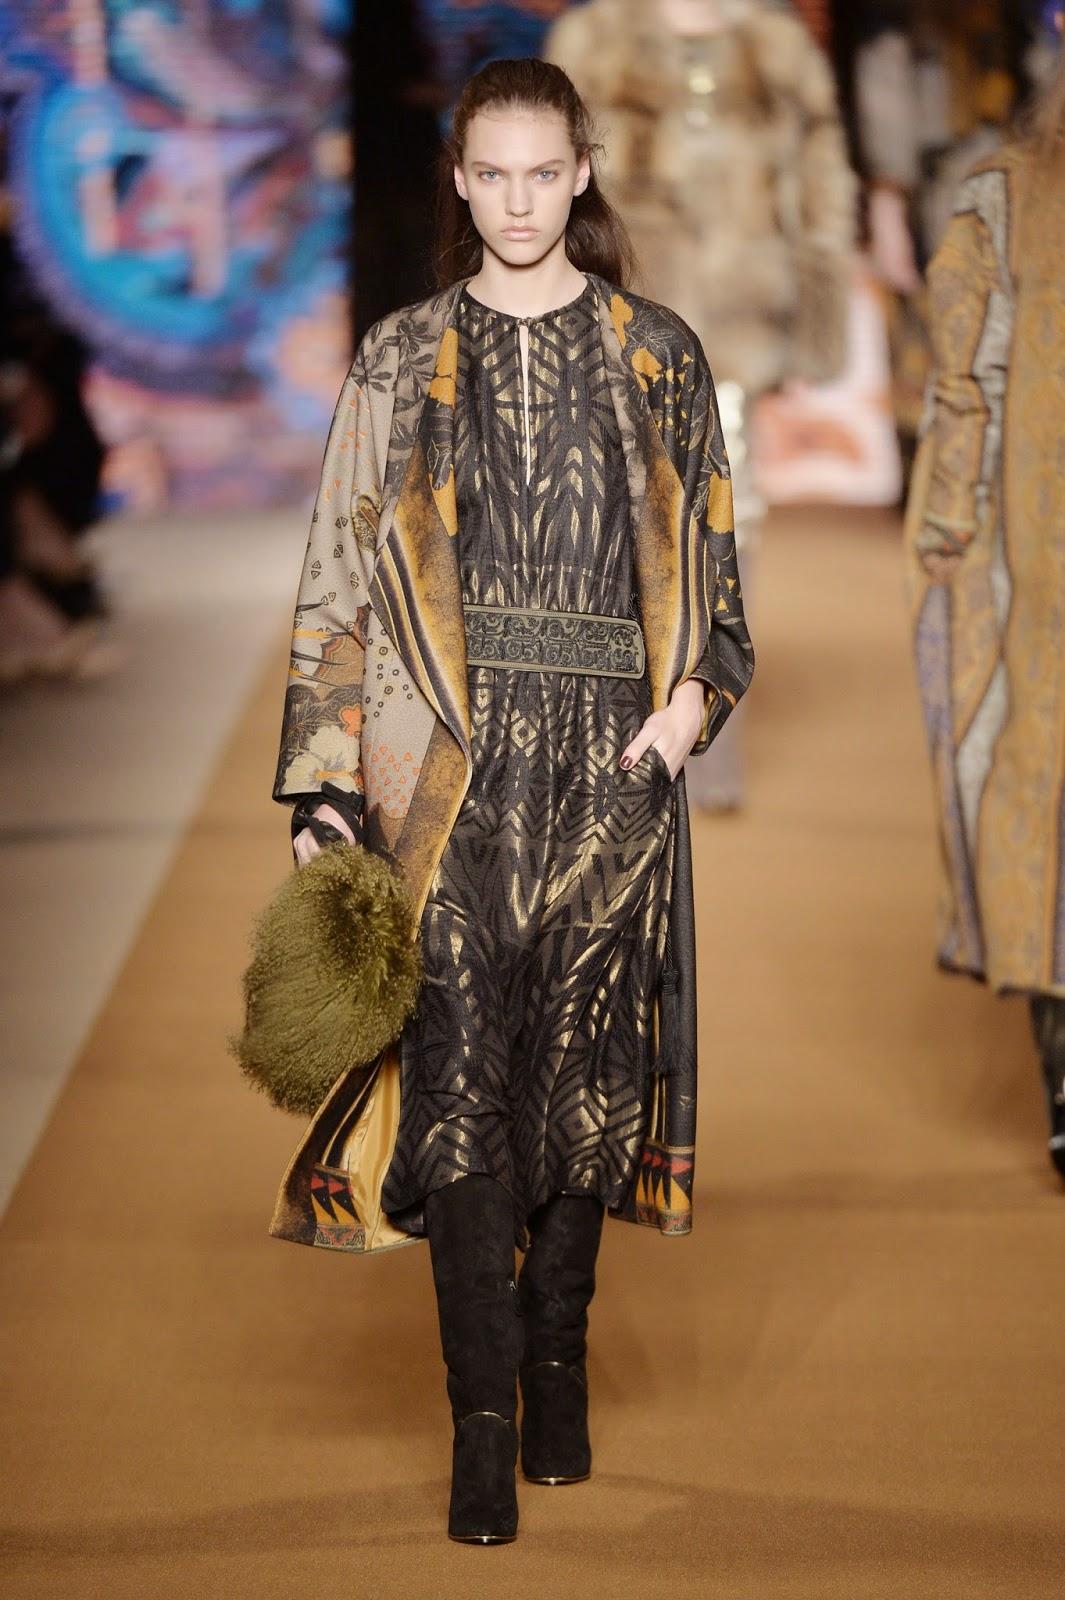 Etro Sonbahar Kış Etnik Desenli Kıyafet Koleksiyonu